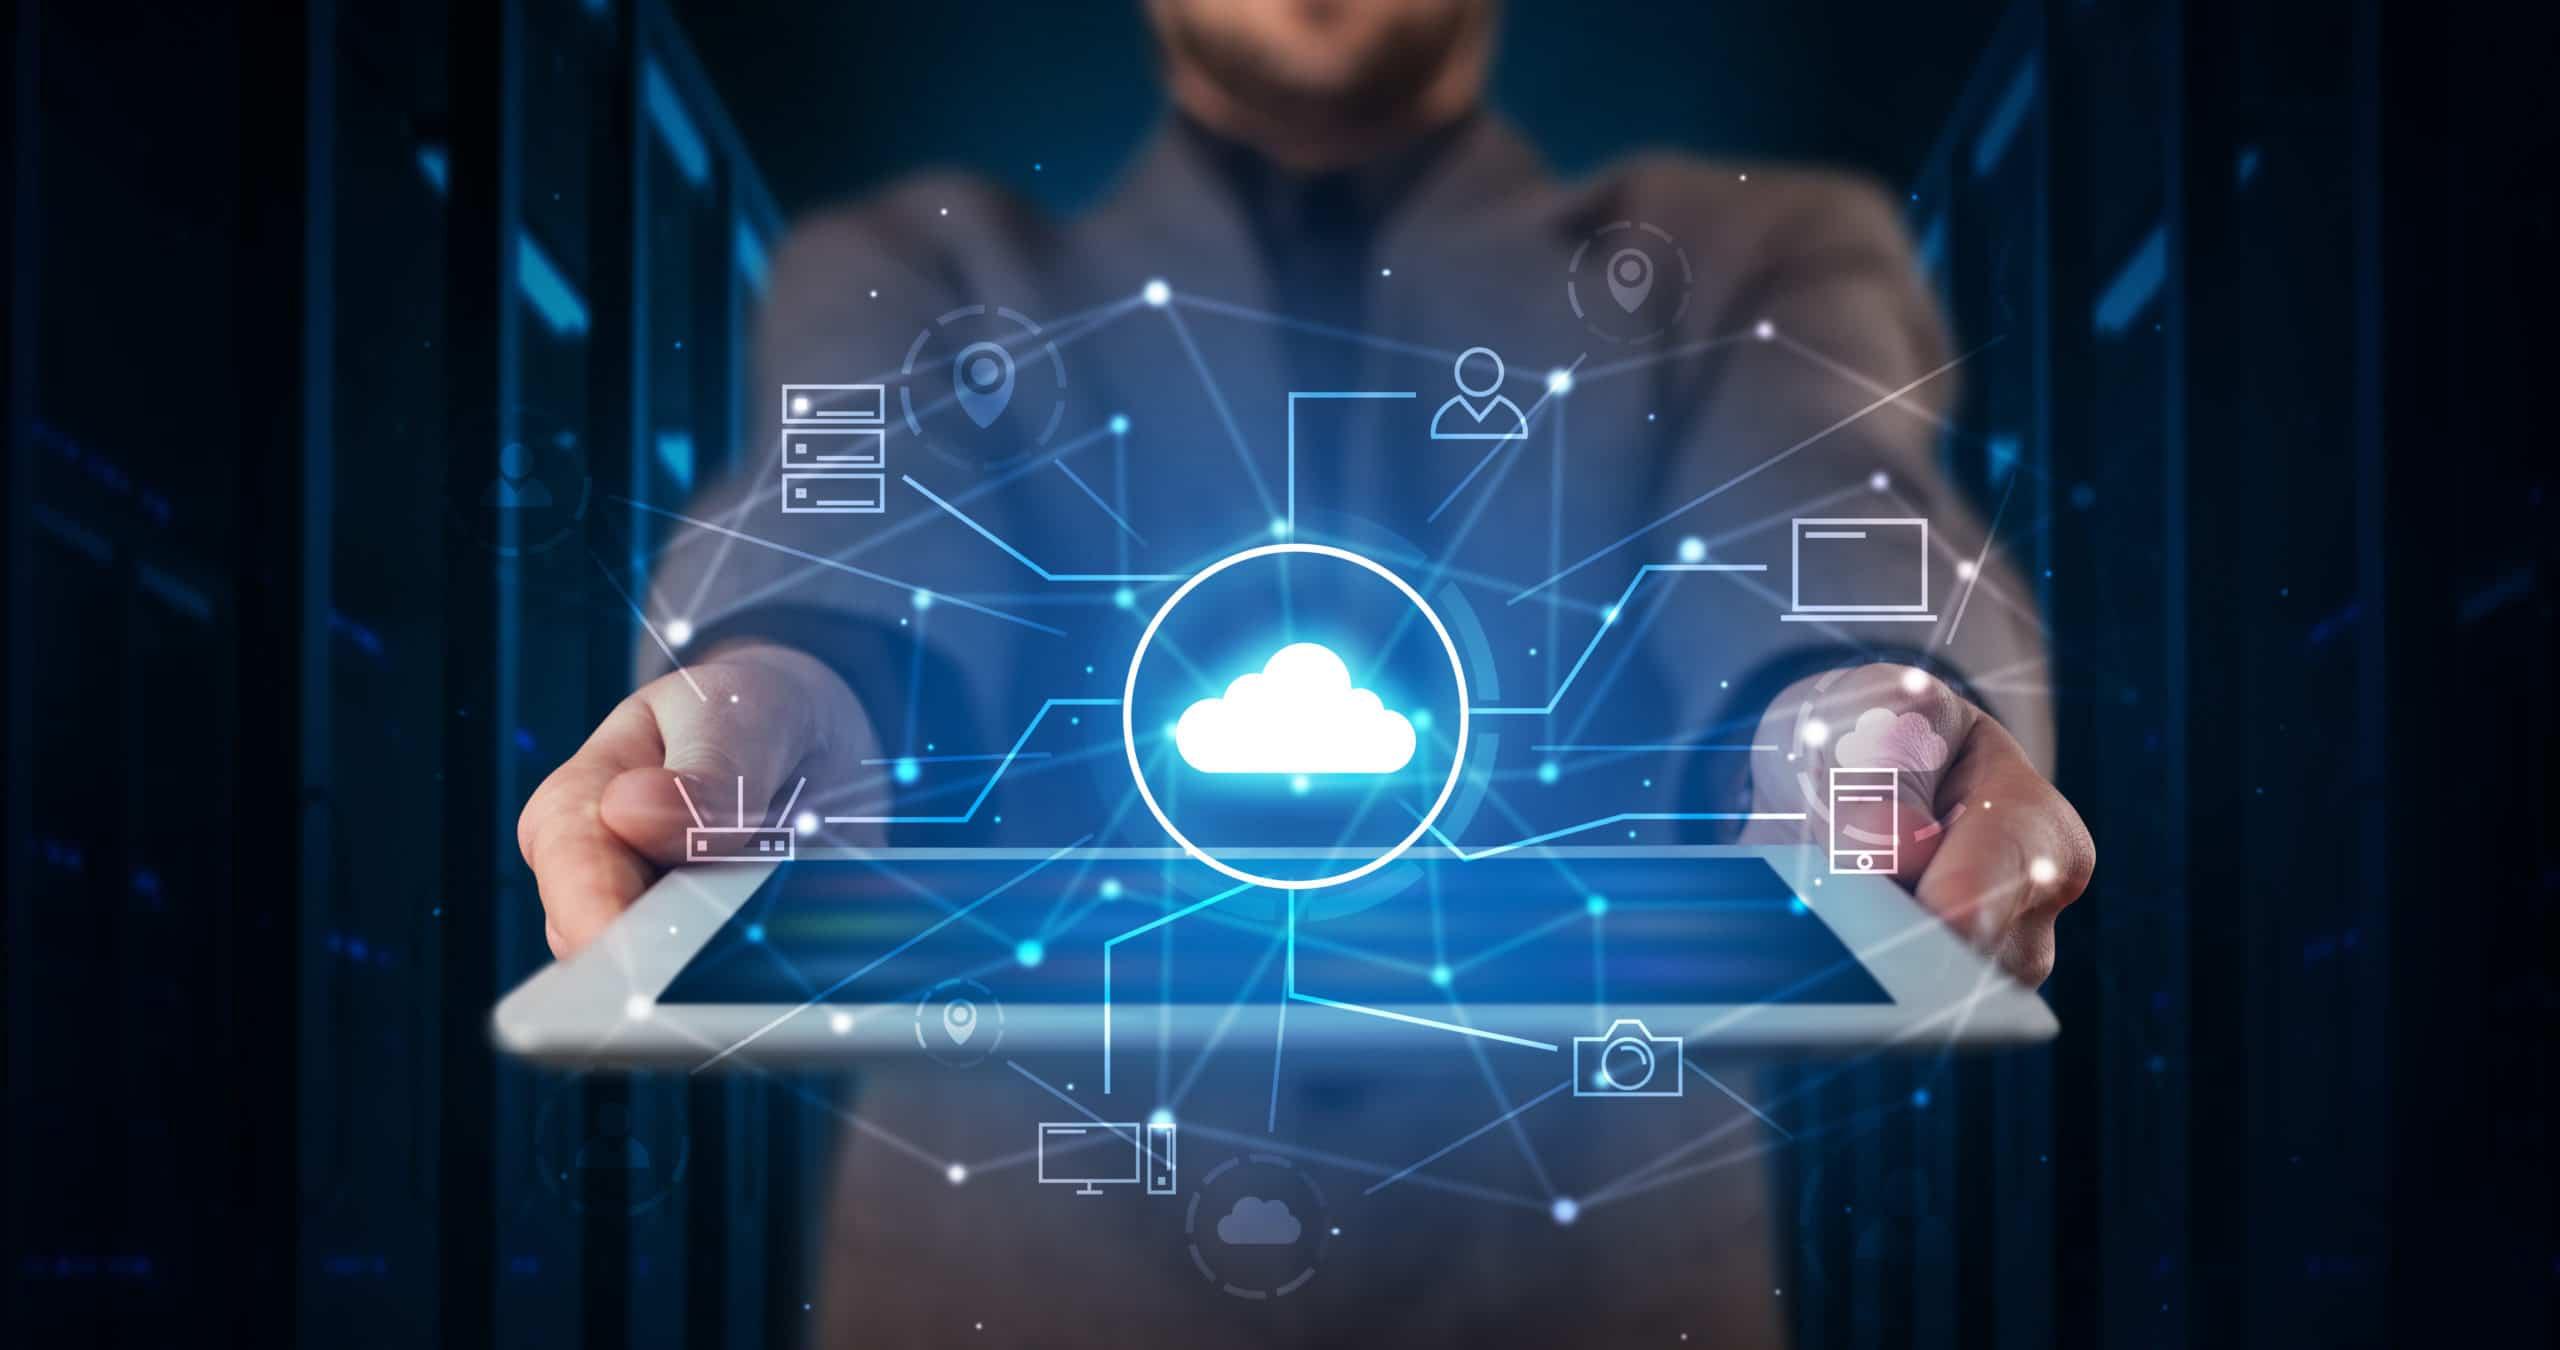 Virtualizzazione dei sistemi operativi: PCLab spiega come funziona